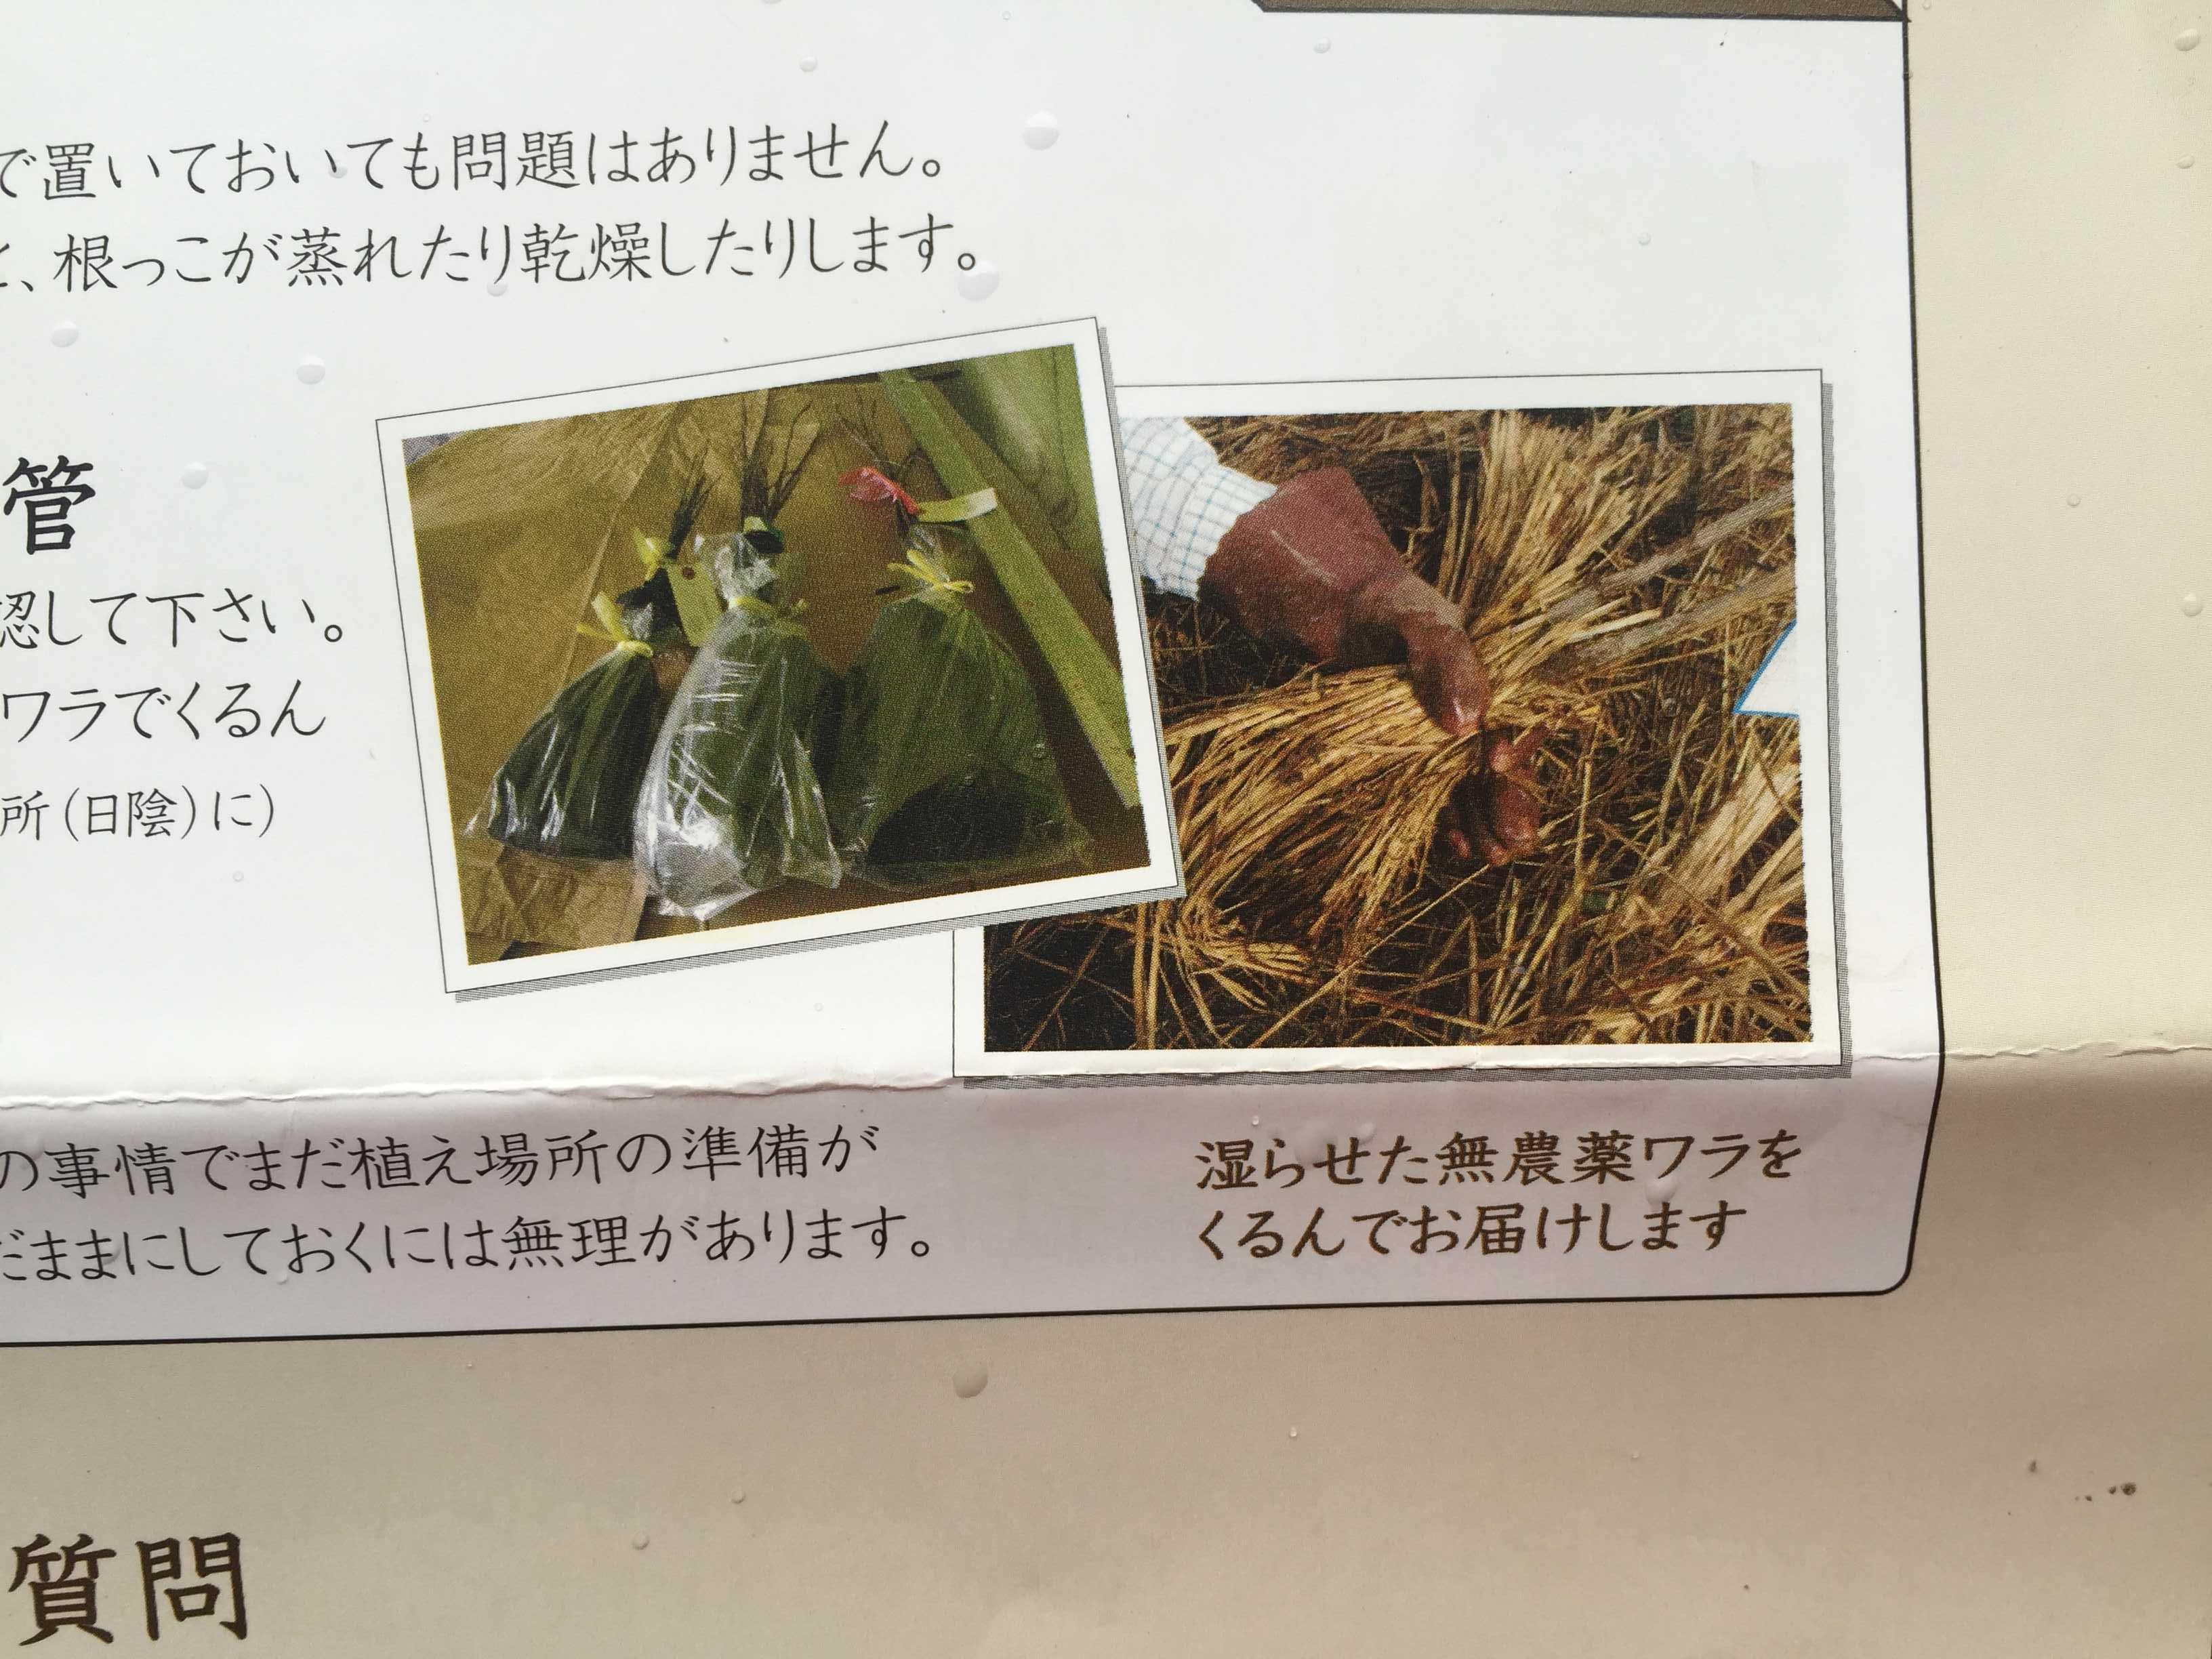 湿らせた無農薬藁(無農薬ワラ)にくるまれた禅寺丸柿